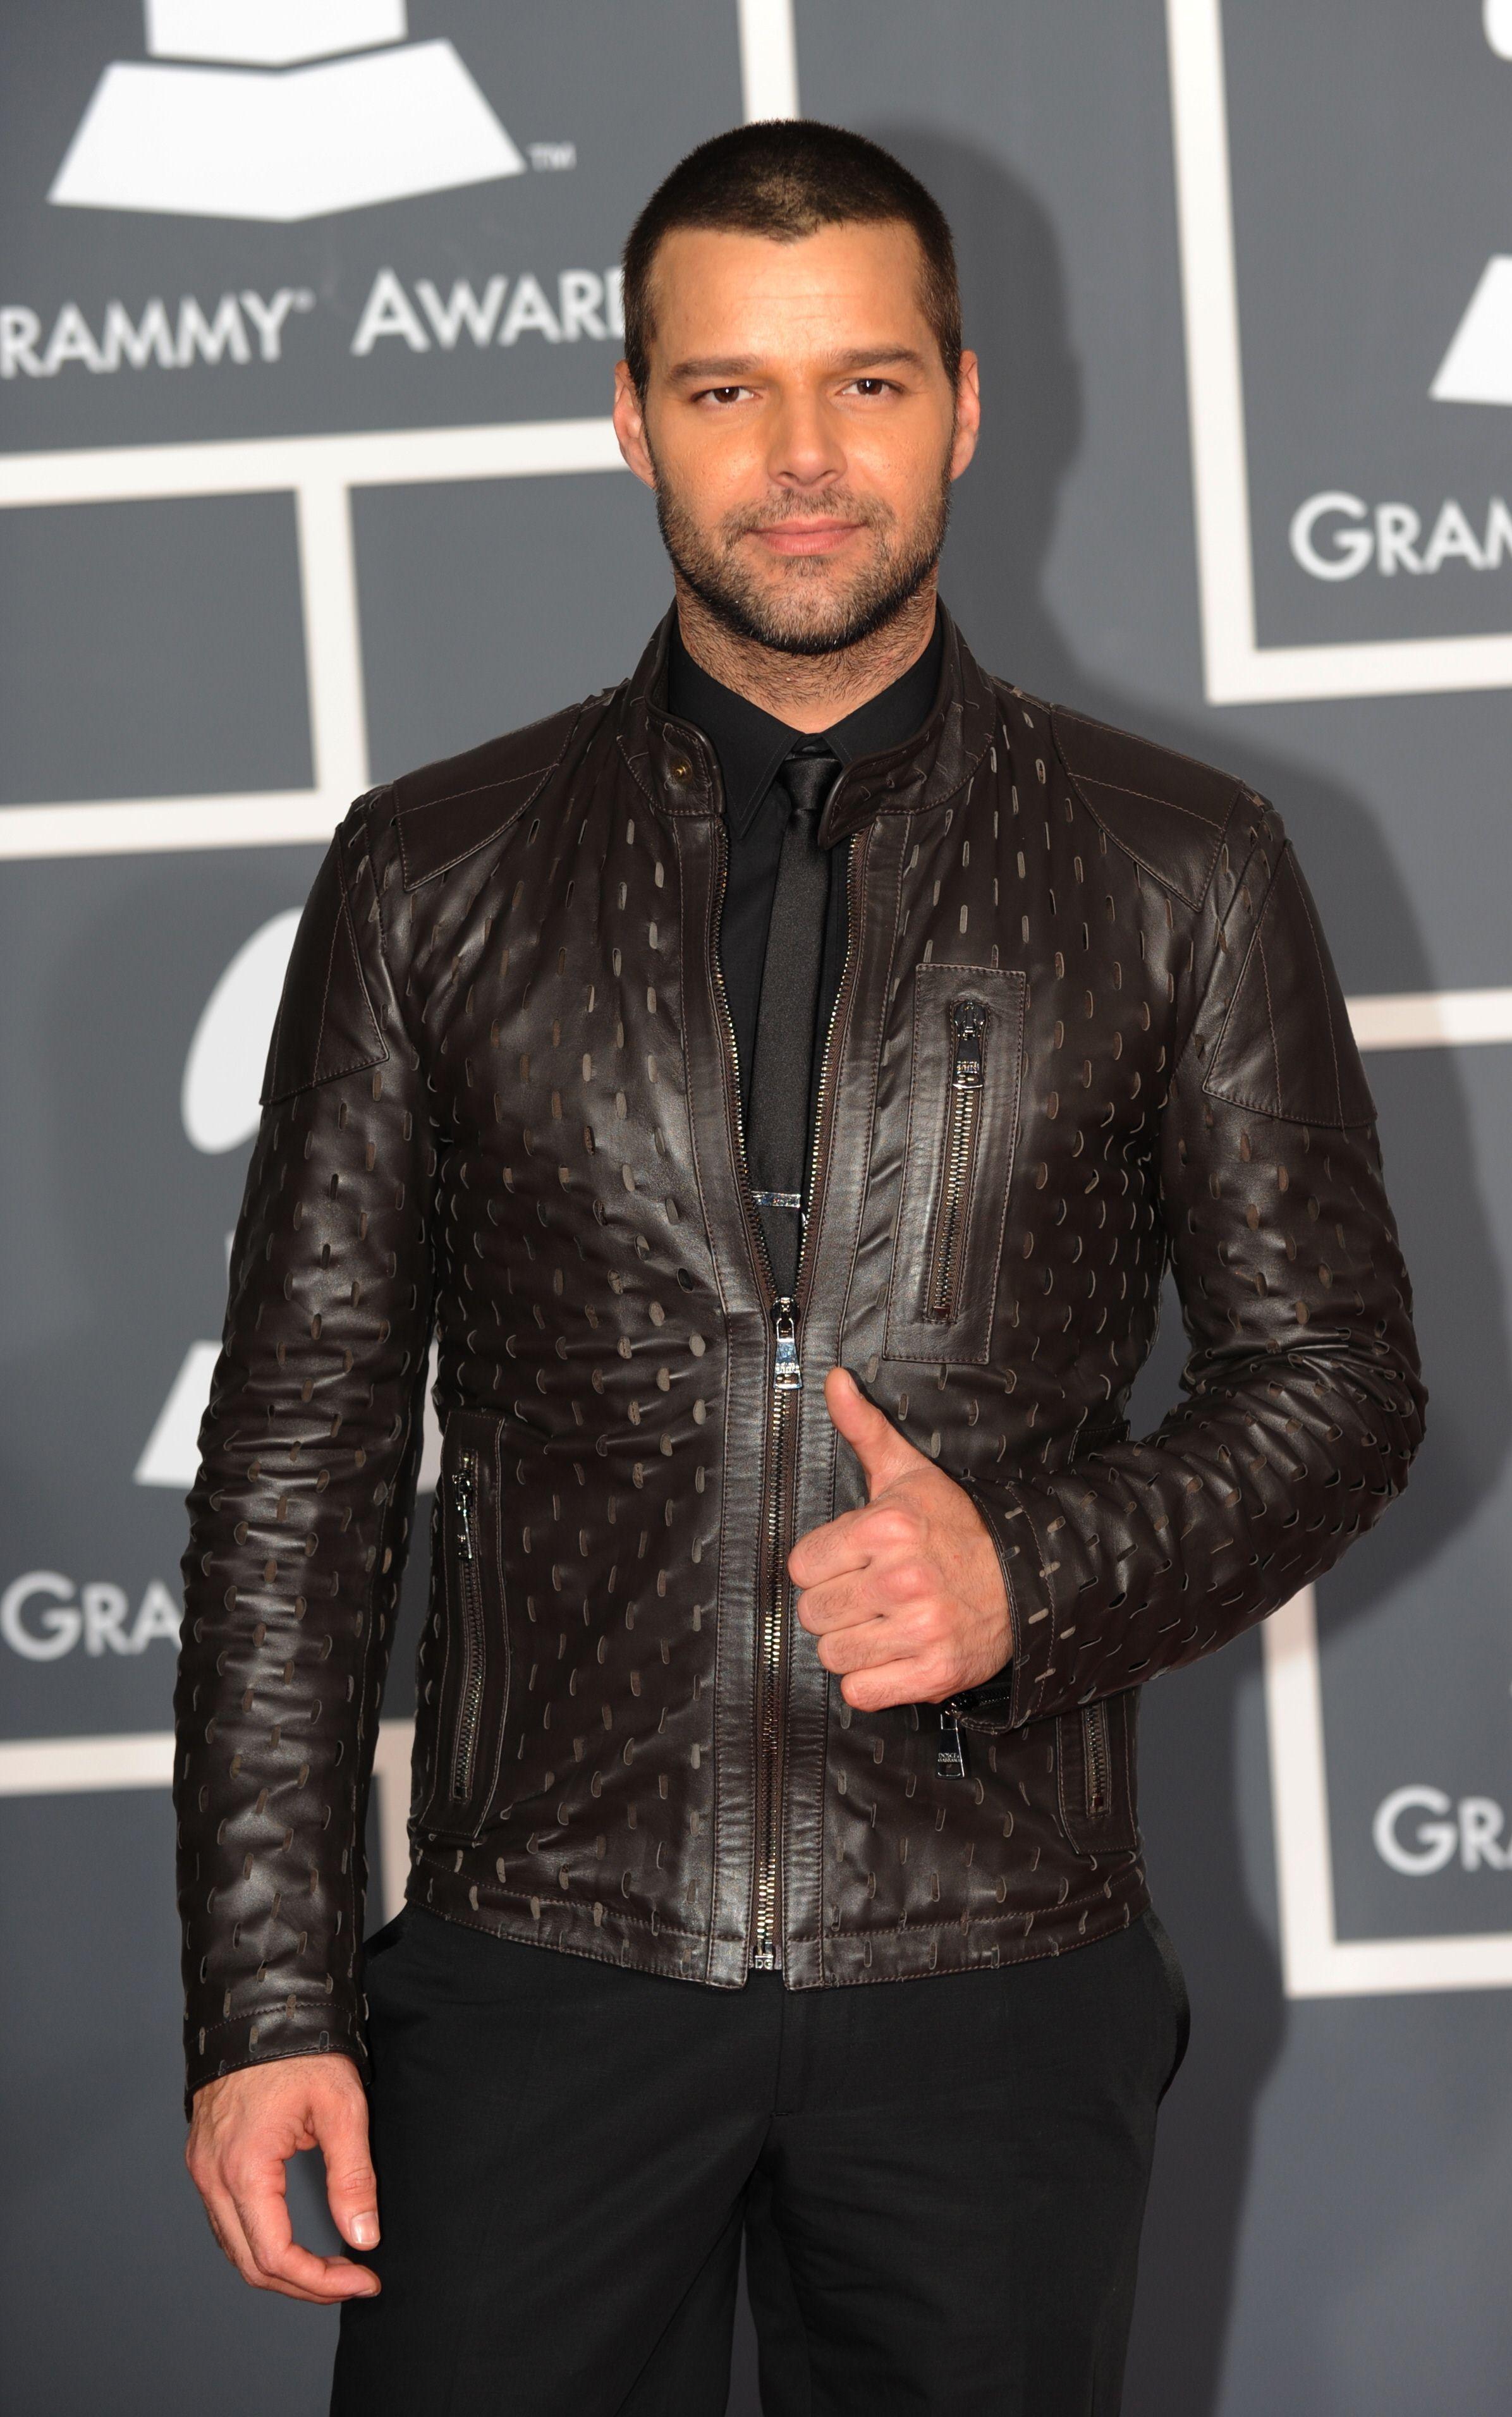 La chaqueta de cuero fue el punto focal de su vestimenta durante los Grammy de 2010. (Archivo)